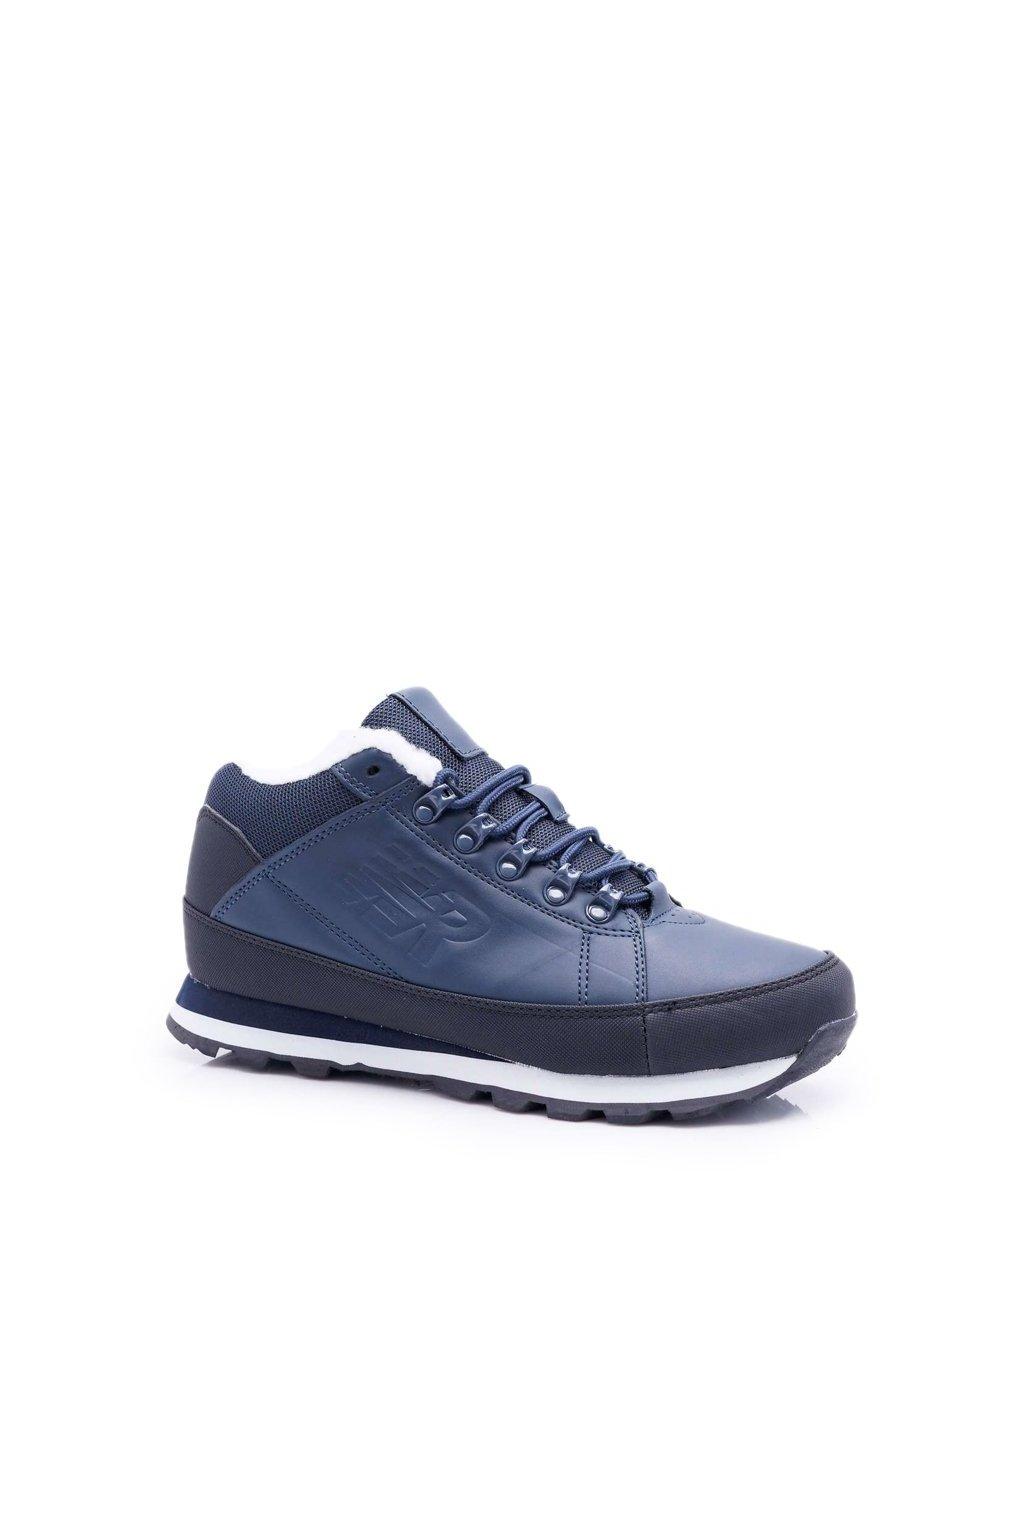 Pánske trekingové topánky farba modrá kód obuvi 9WH917 NAVY